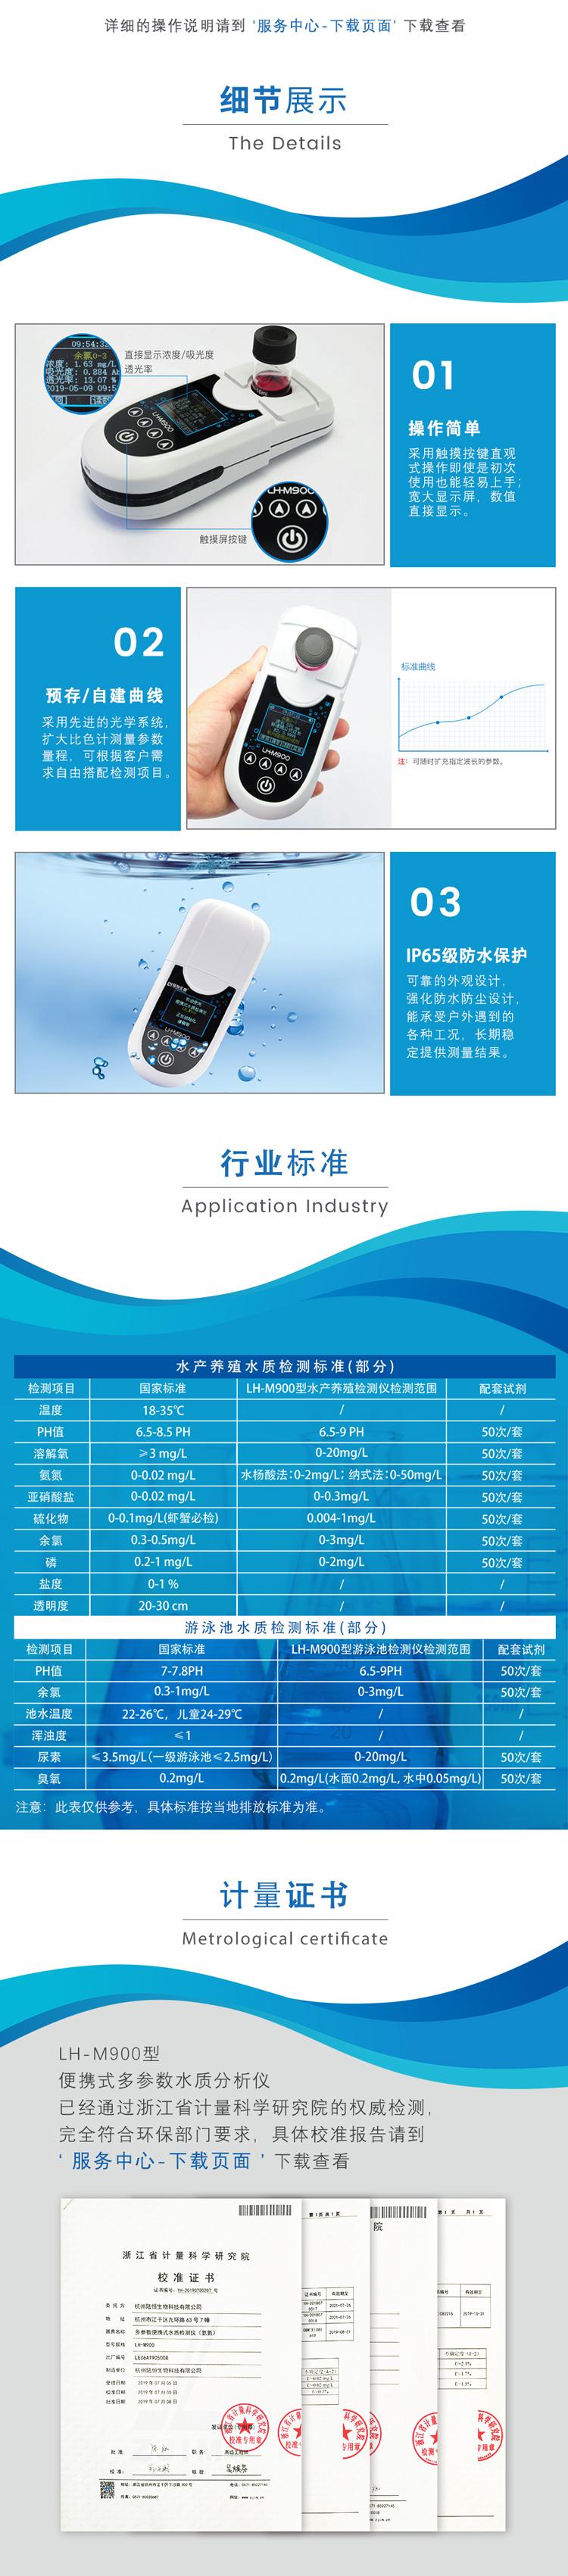 新版LH-M900系列詳情頁_03